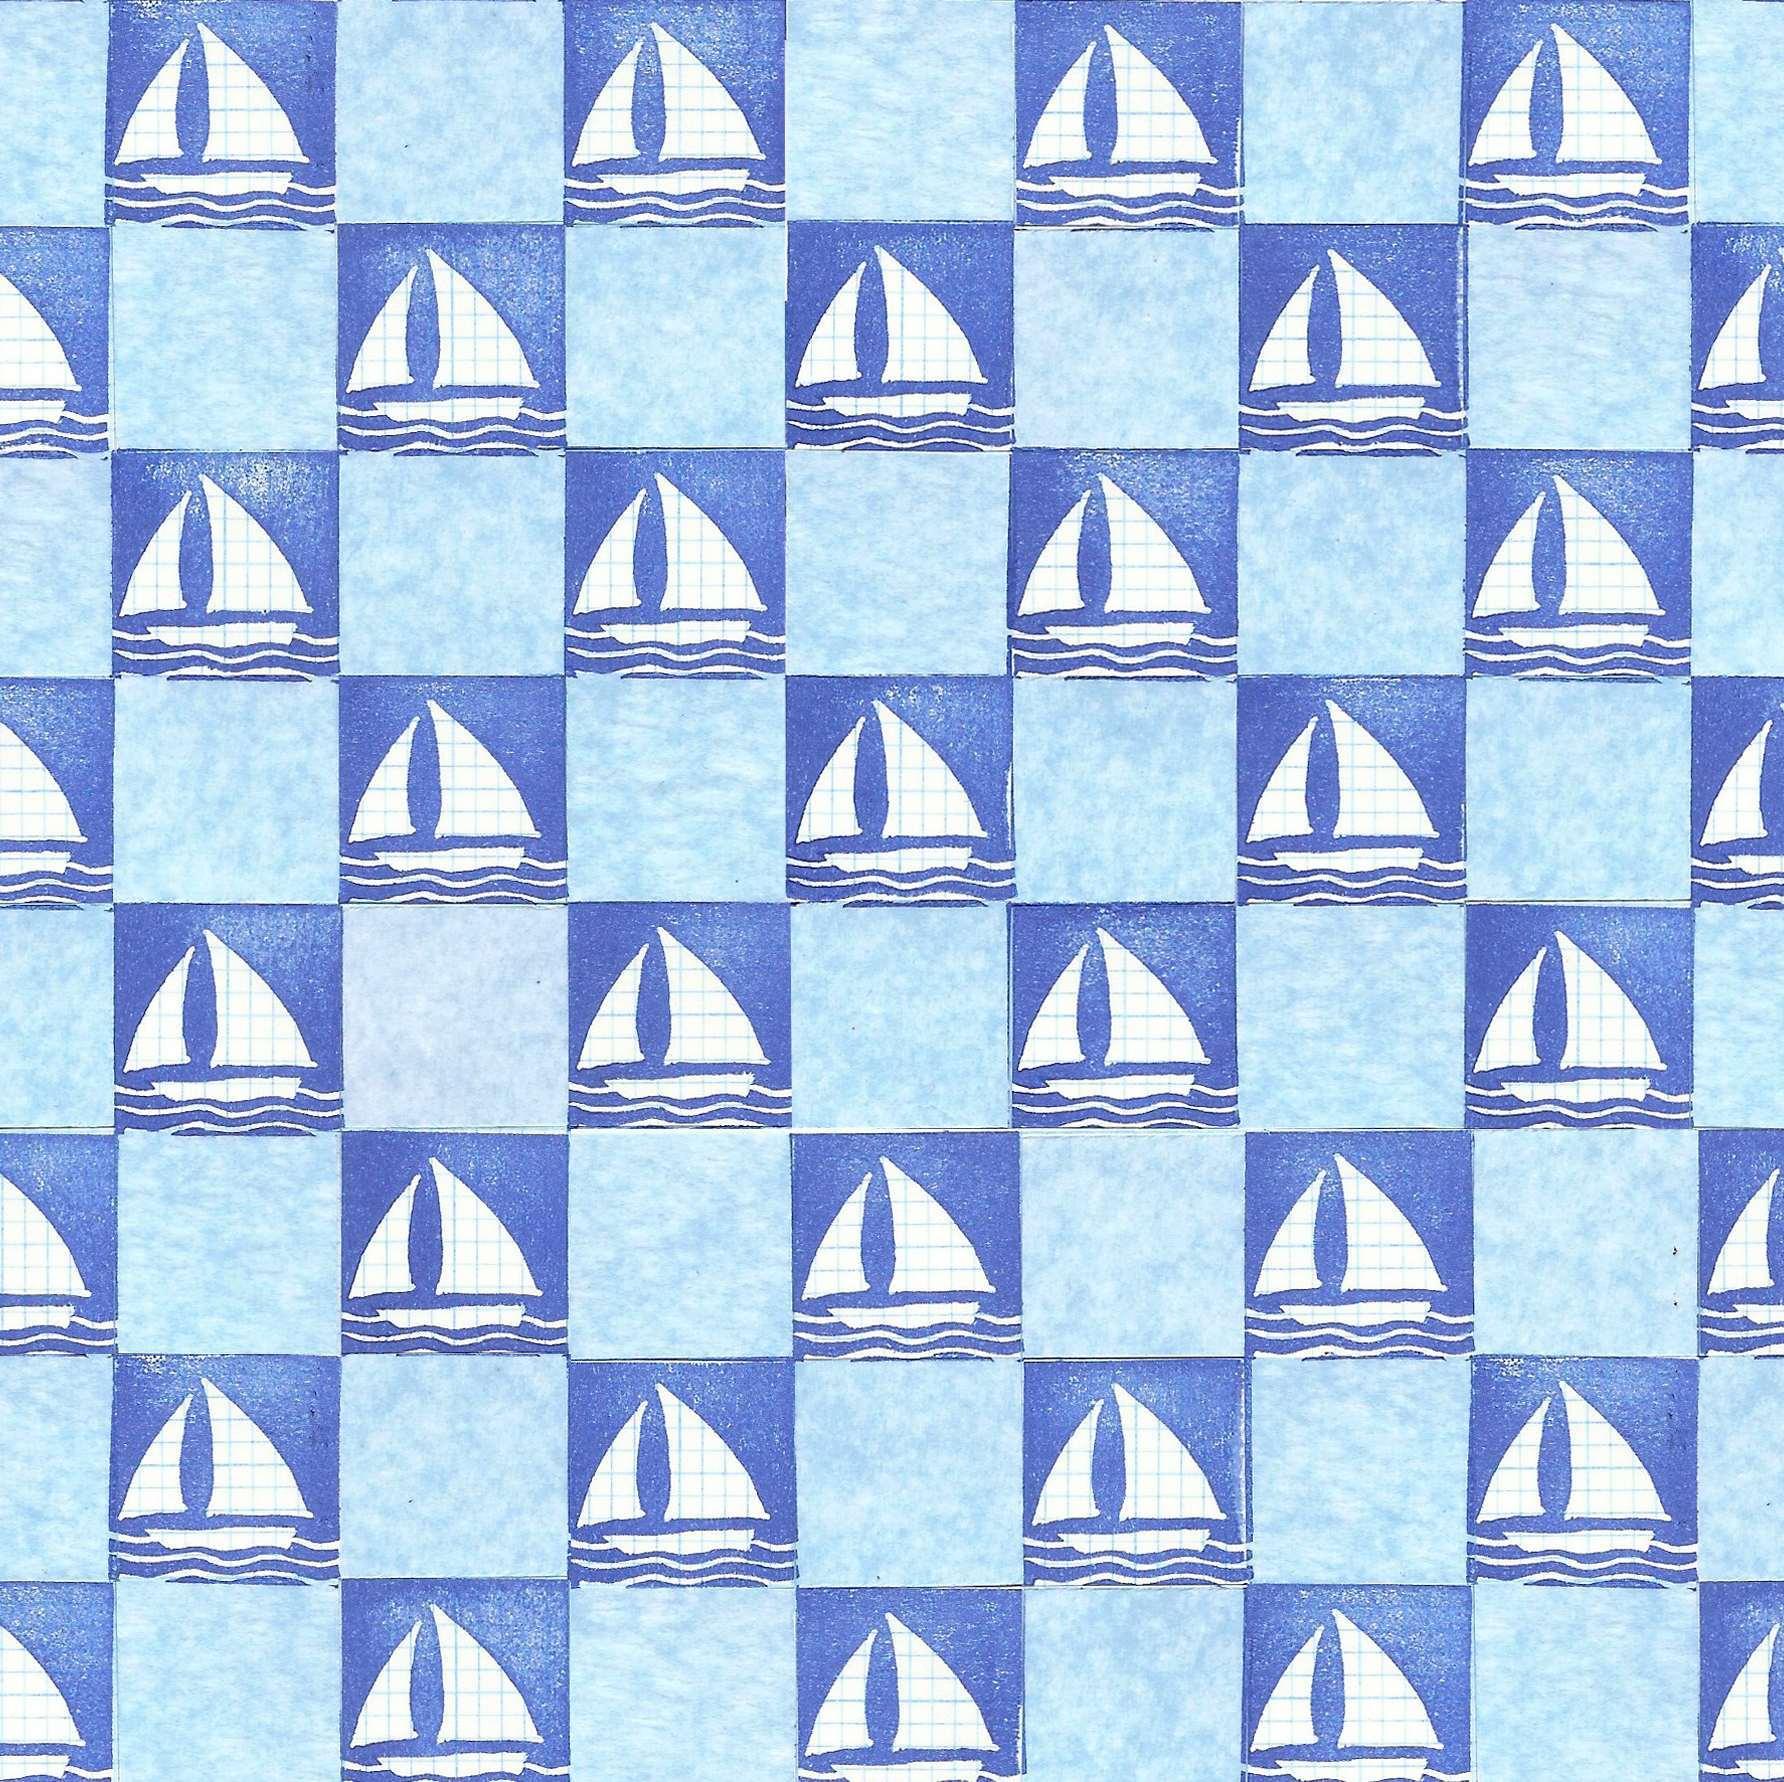 paper boat pattern.jpg